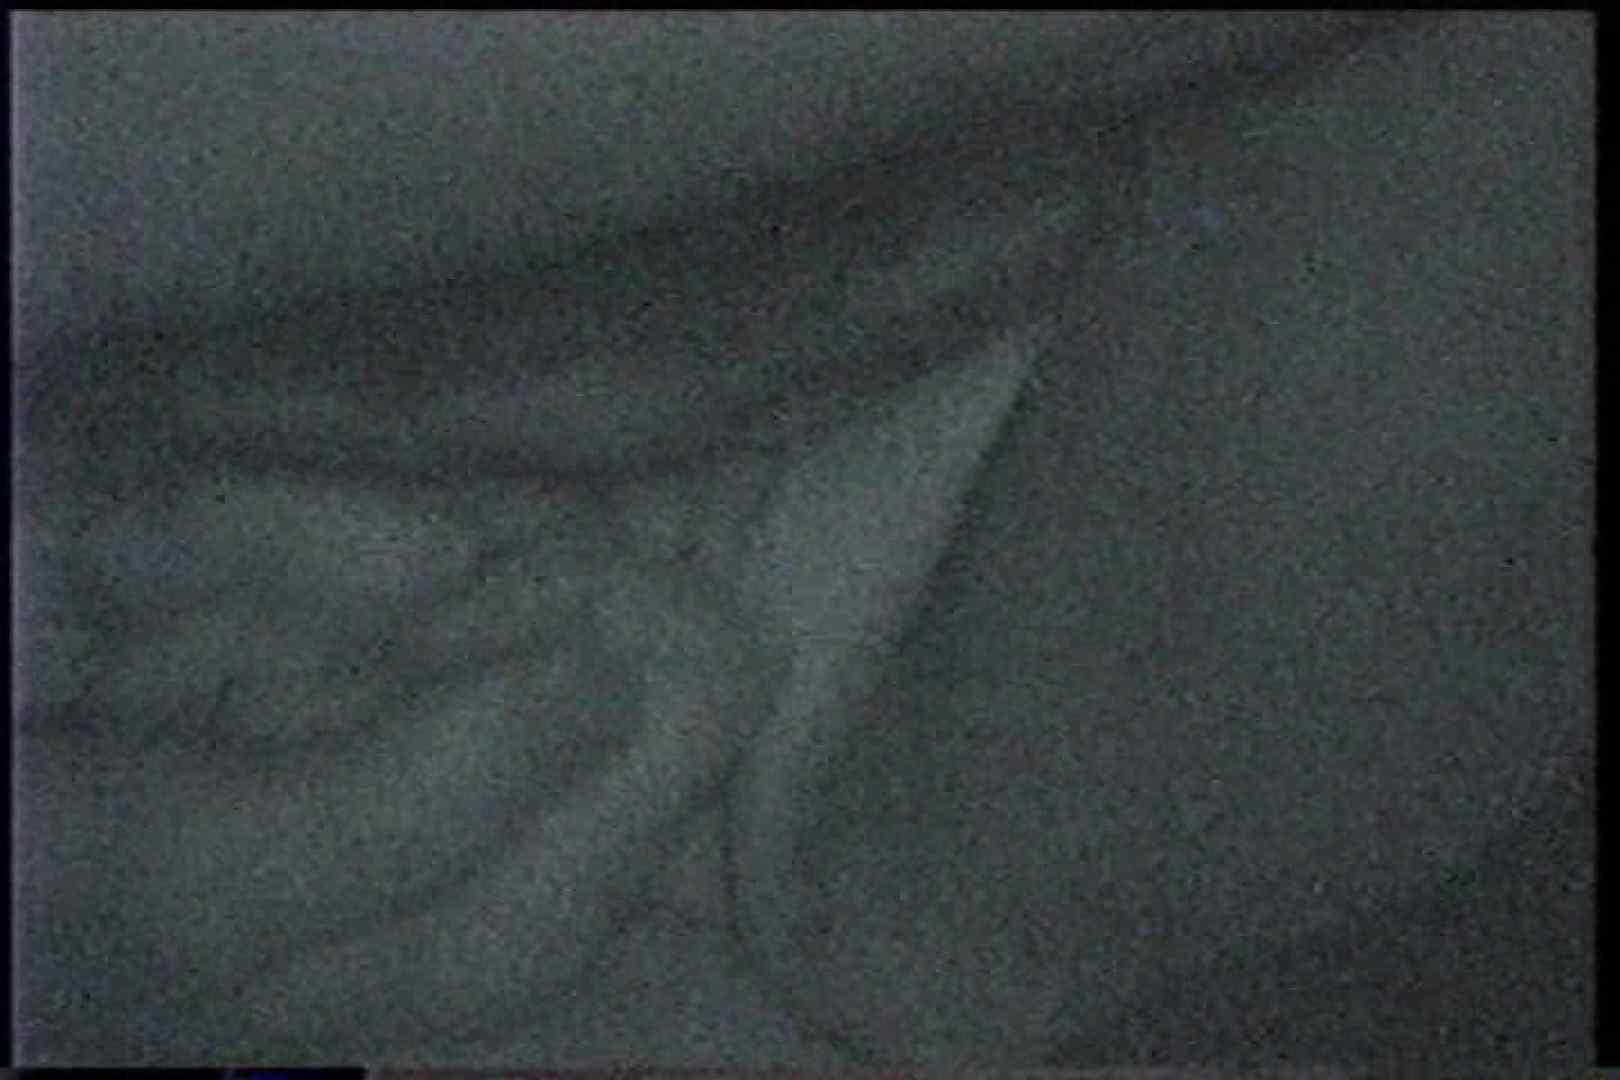 充血監督の深夜の運動会Vol.233 OLヌード天国 | カップルのセックス  95PIX 5